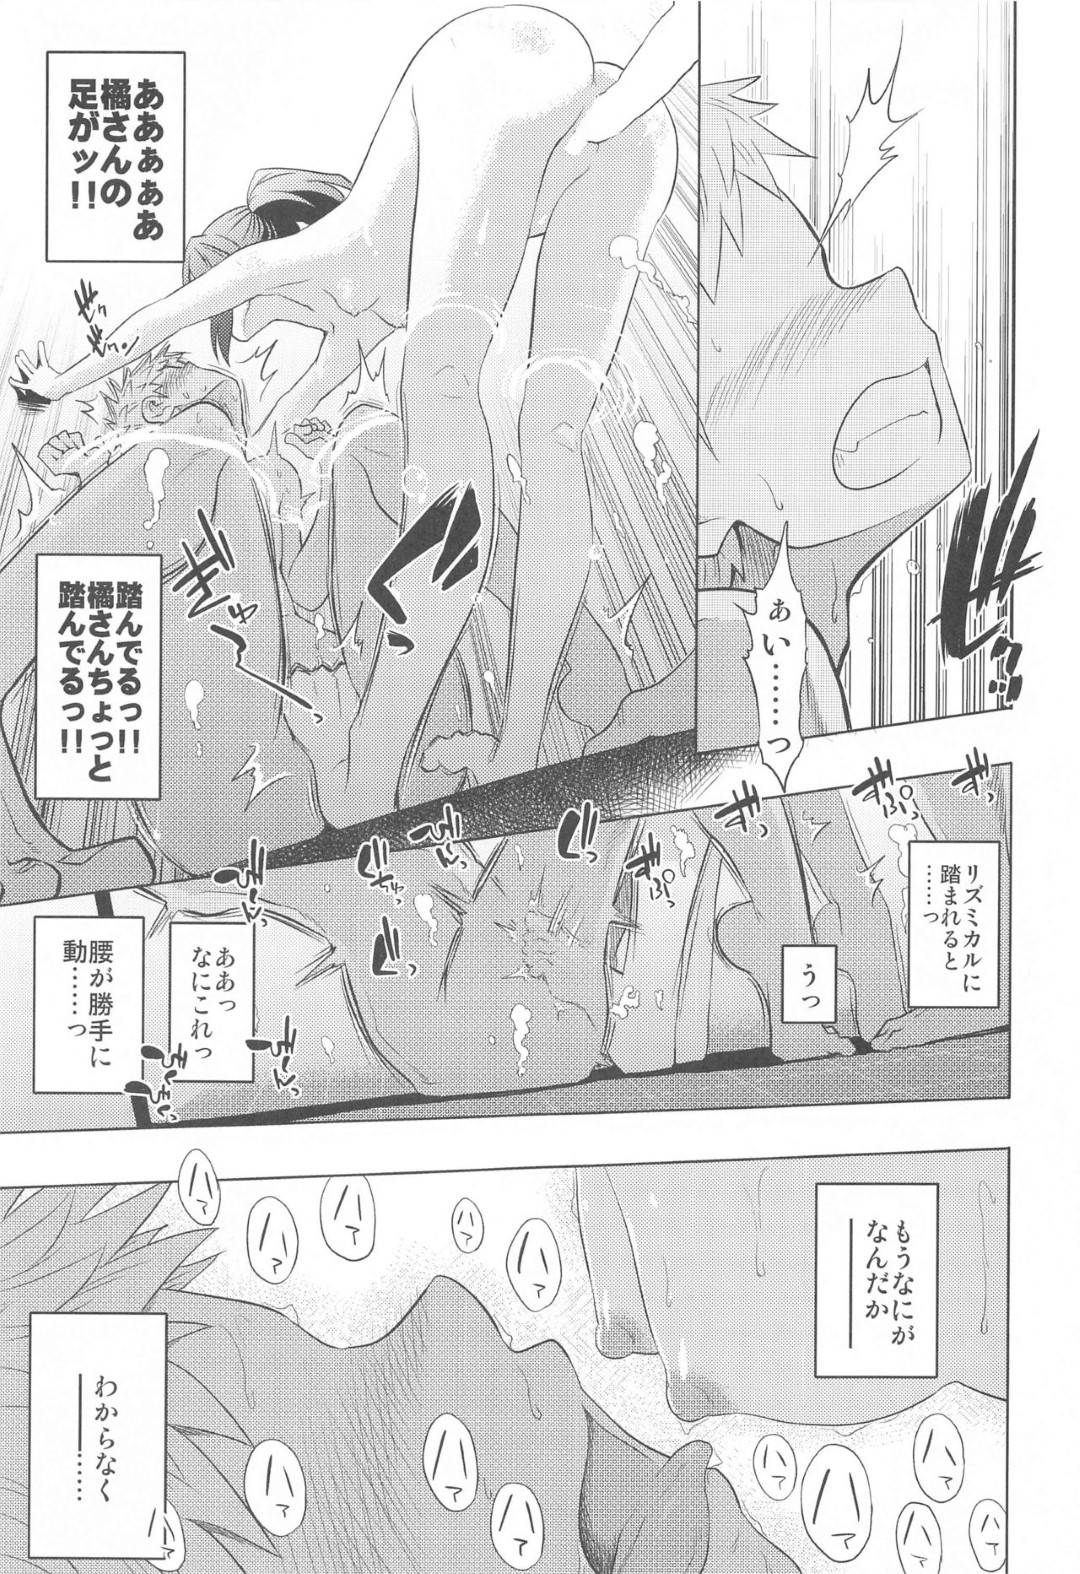 【アイドルマスターシンデレラガールズエロ漫画】モブは銭湯でくつろいでいると、男湯にありすが男と一緒に乱入してきた。催眠状態にかかっているありすはモブの目の前で男と中出しセックスする【弥猫うた】